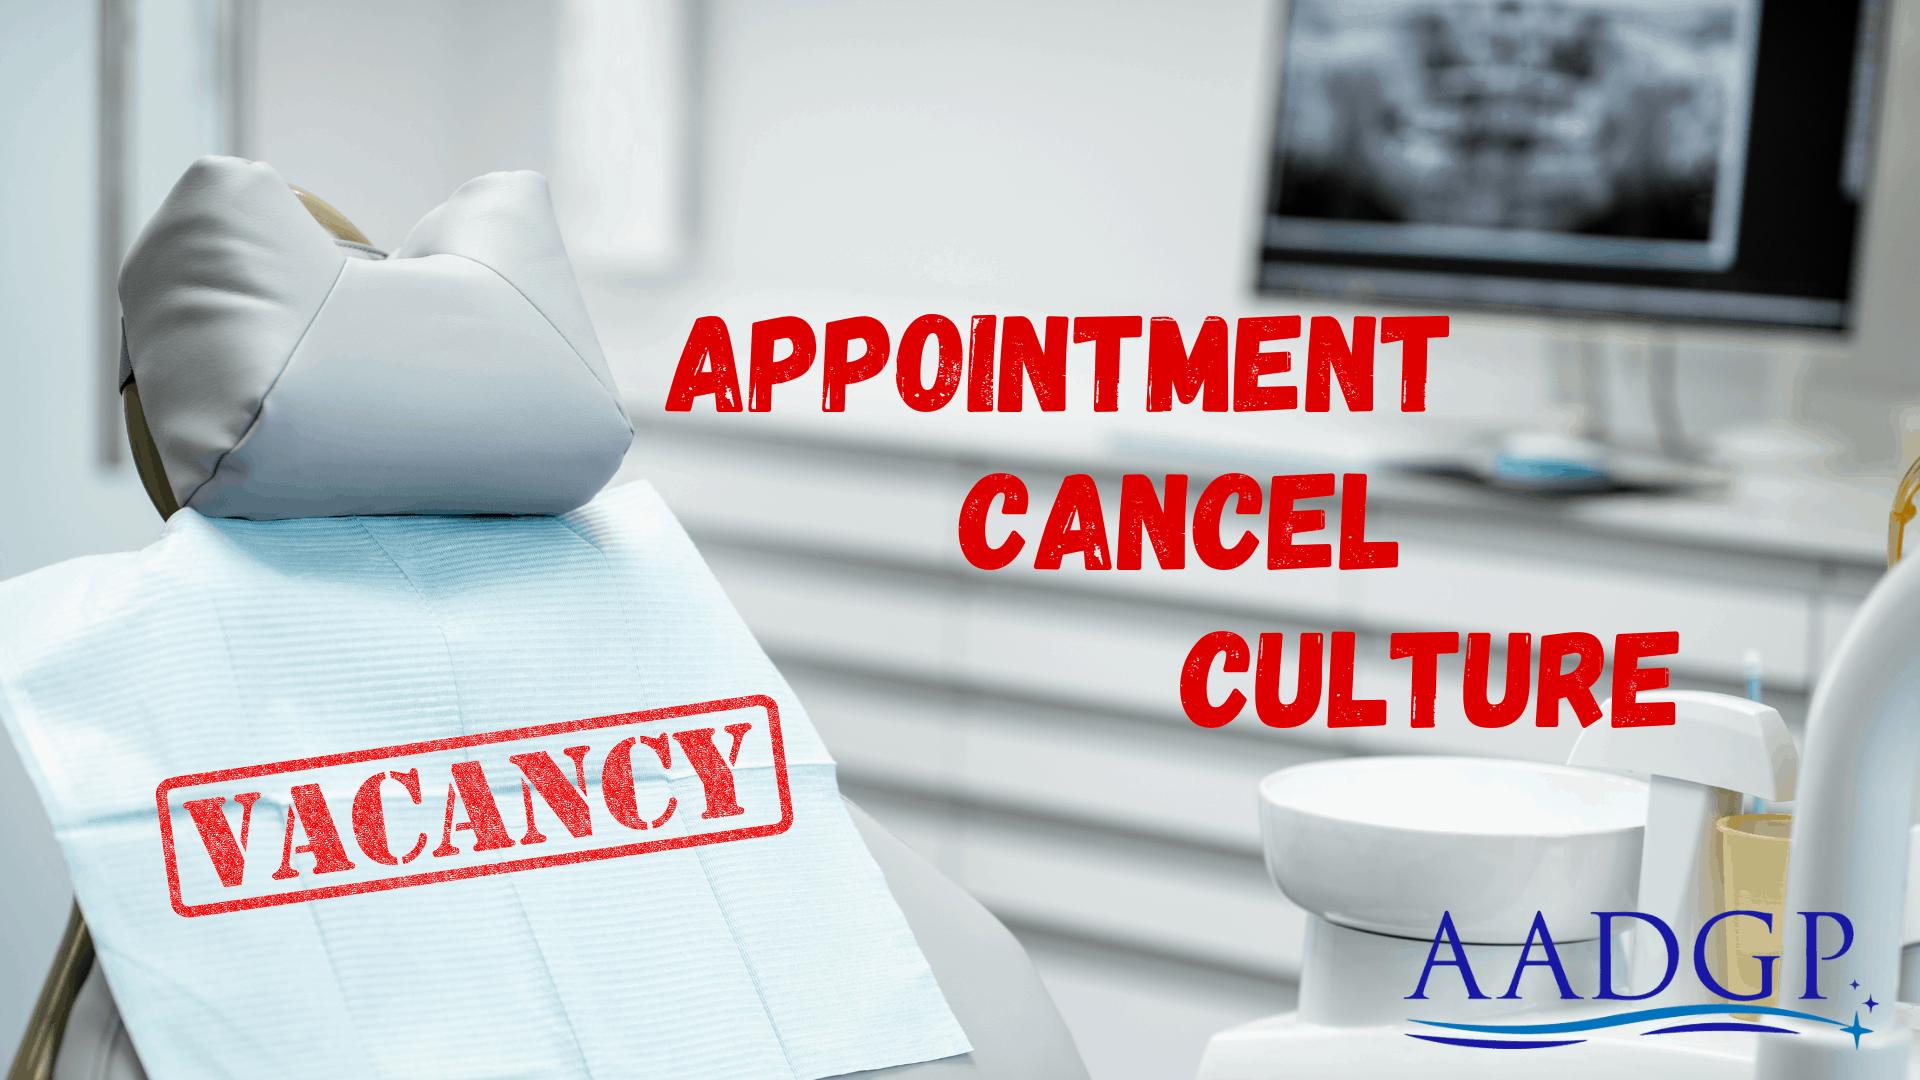 Appointment Cancel Culture, an AAADGP Webinar